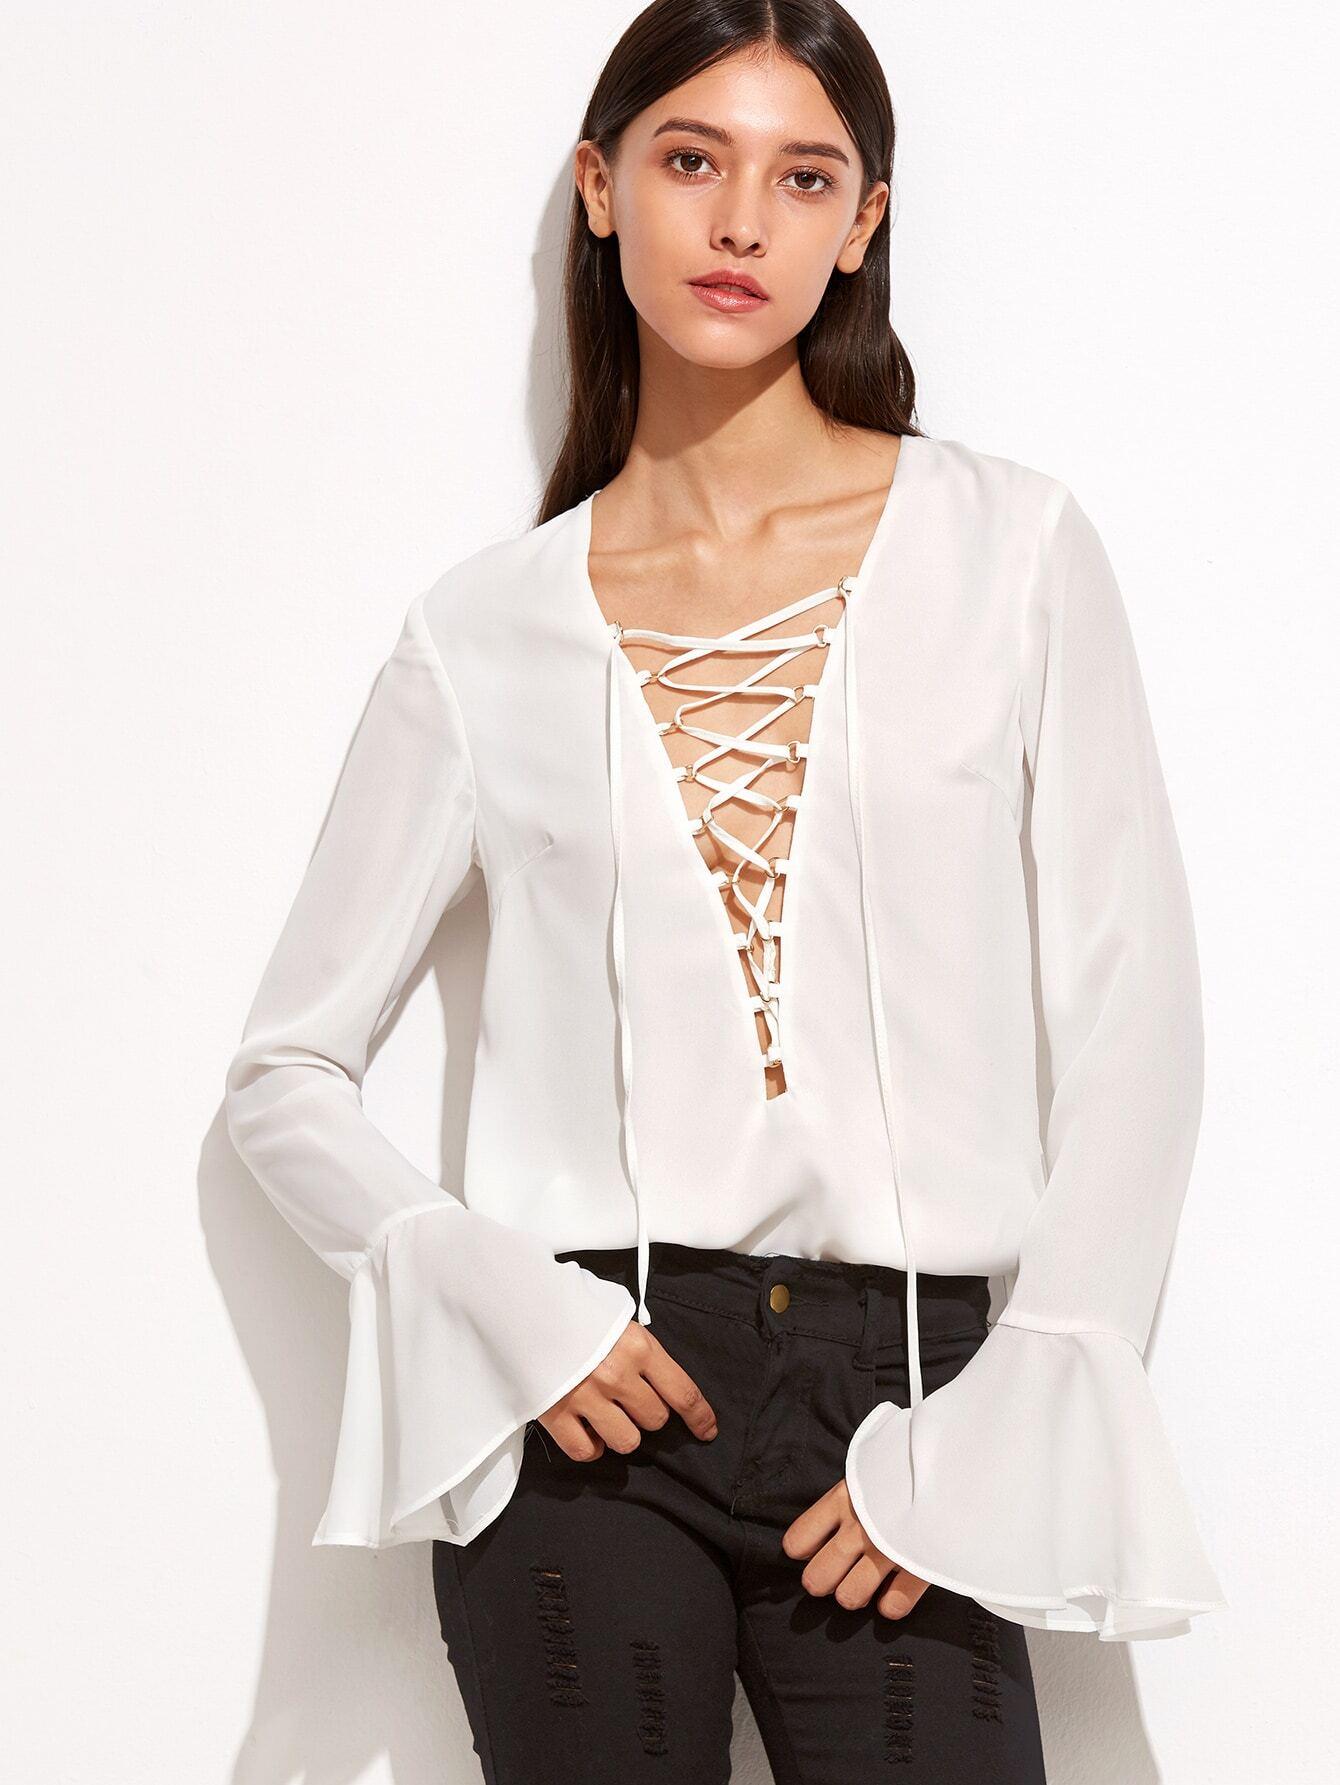 White Lace Up Plunge Neck Ruffle Sleeve Blouse blouse160920705